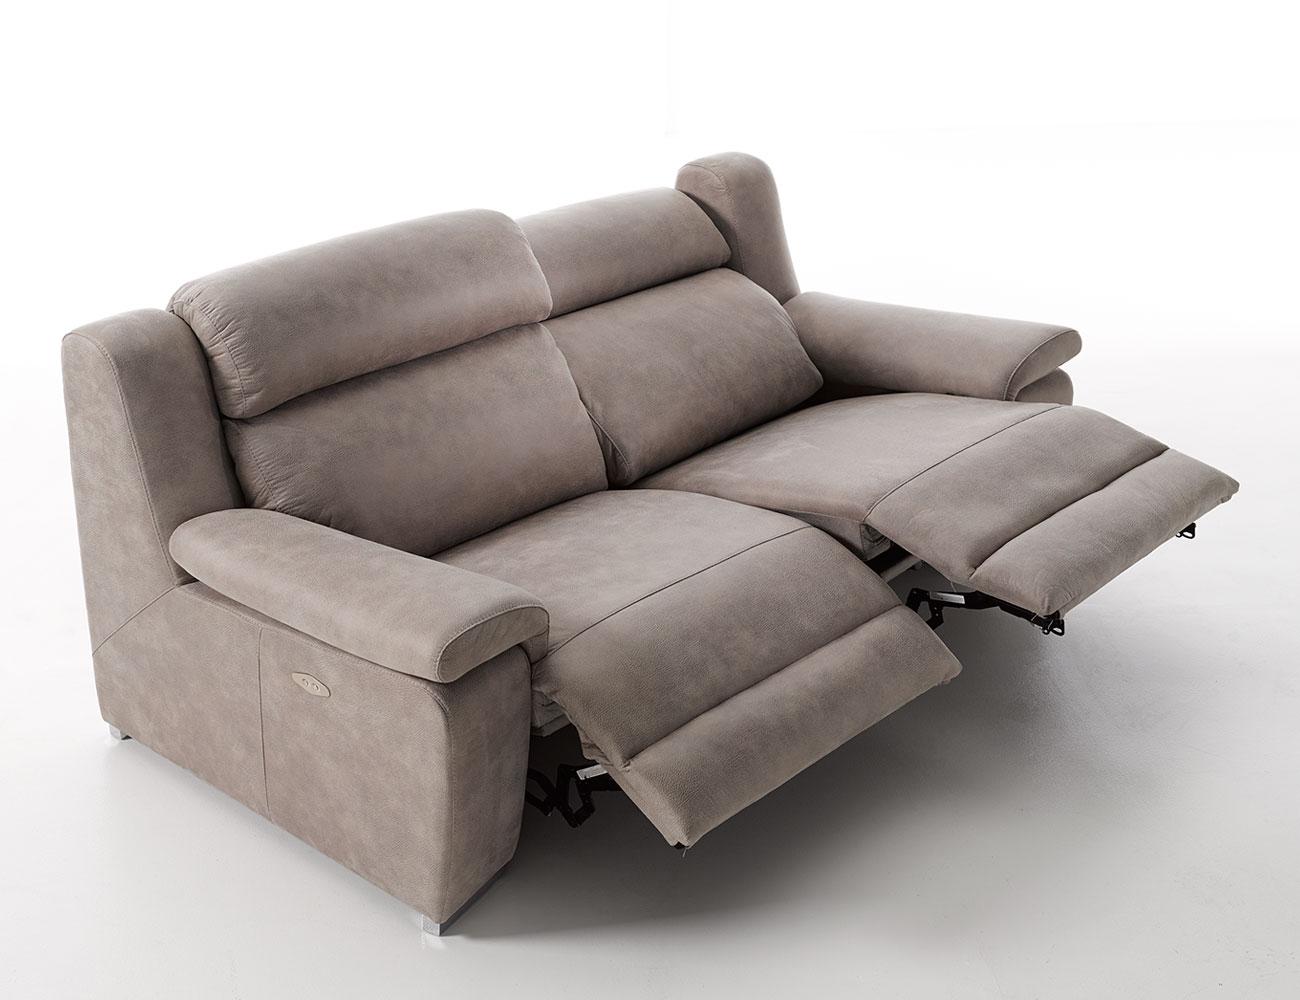 Sofa 3 plazas relax electrico motorizado detalle